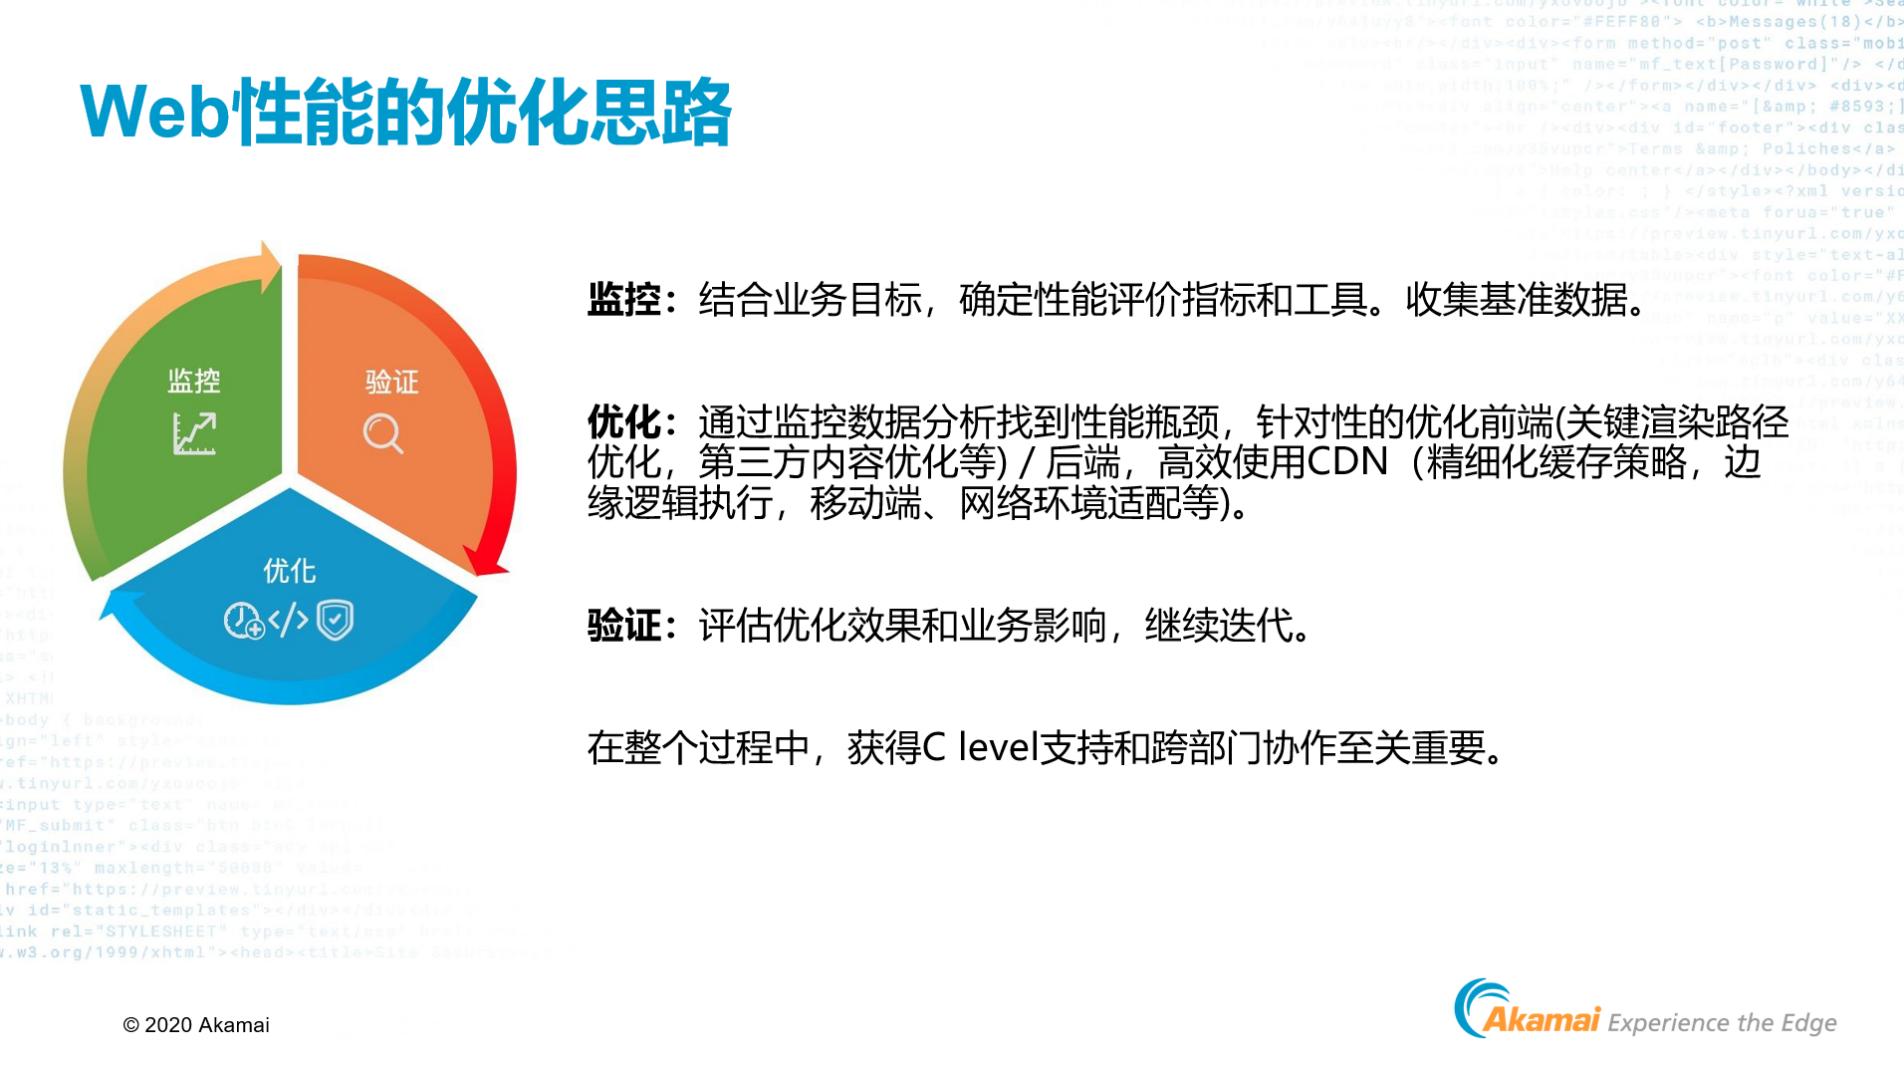 学无止境,速度制胜:疫情新常态下的中国出海教育行业如何优化Web性能